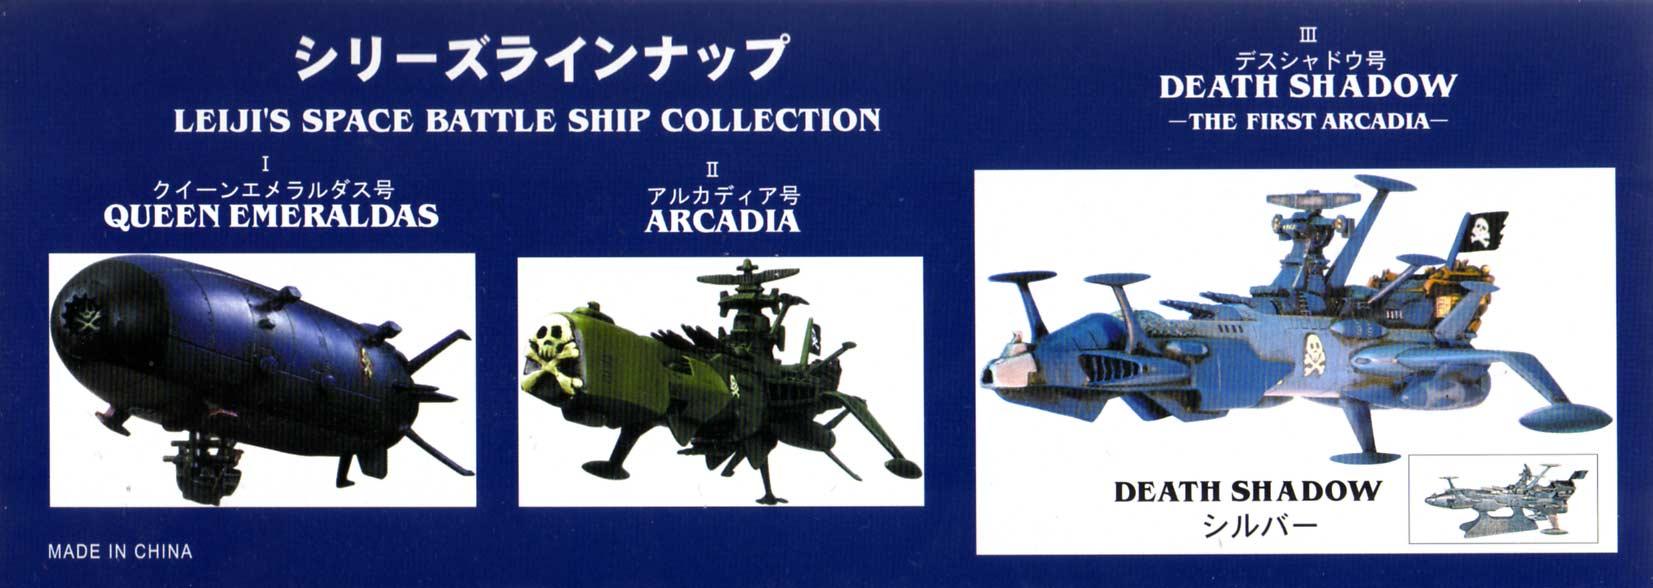 Packaging (latéral gauche) du Death Shadow de Mabell dans la collection Leiji's Space ship (jouet)